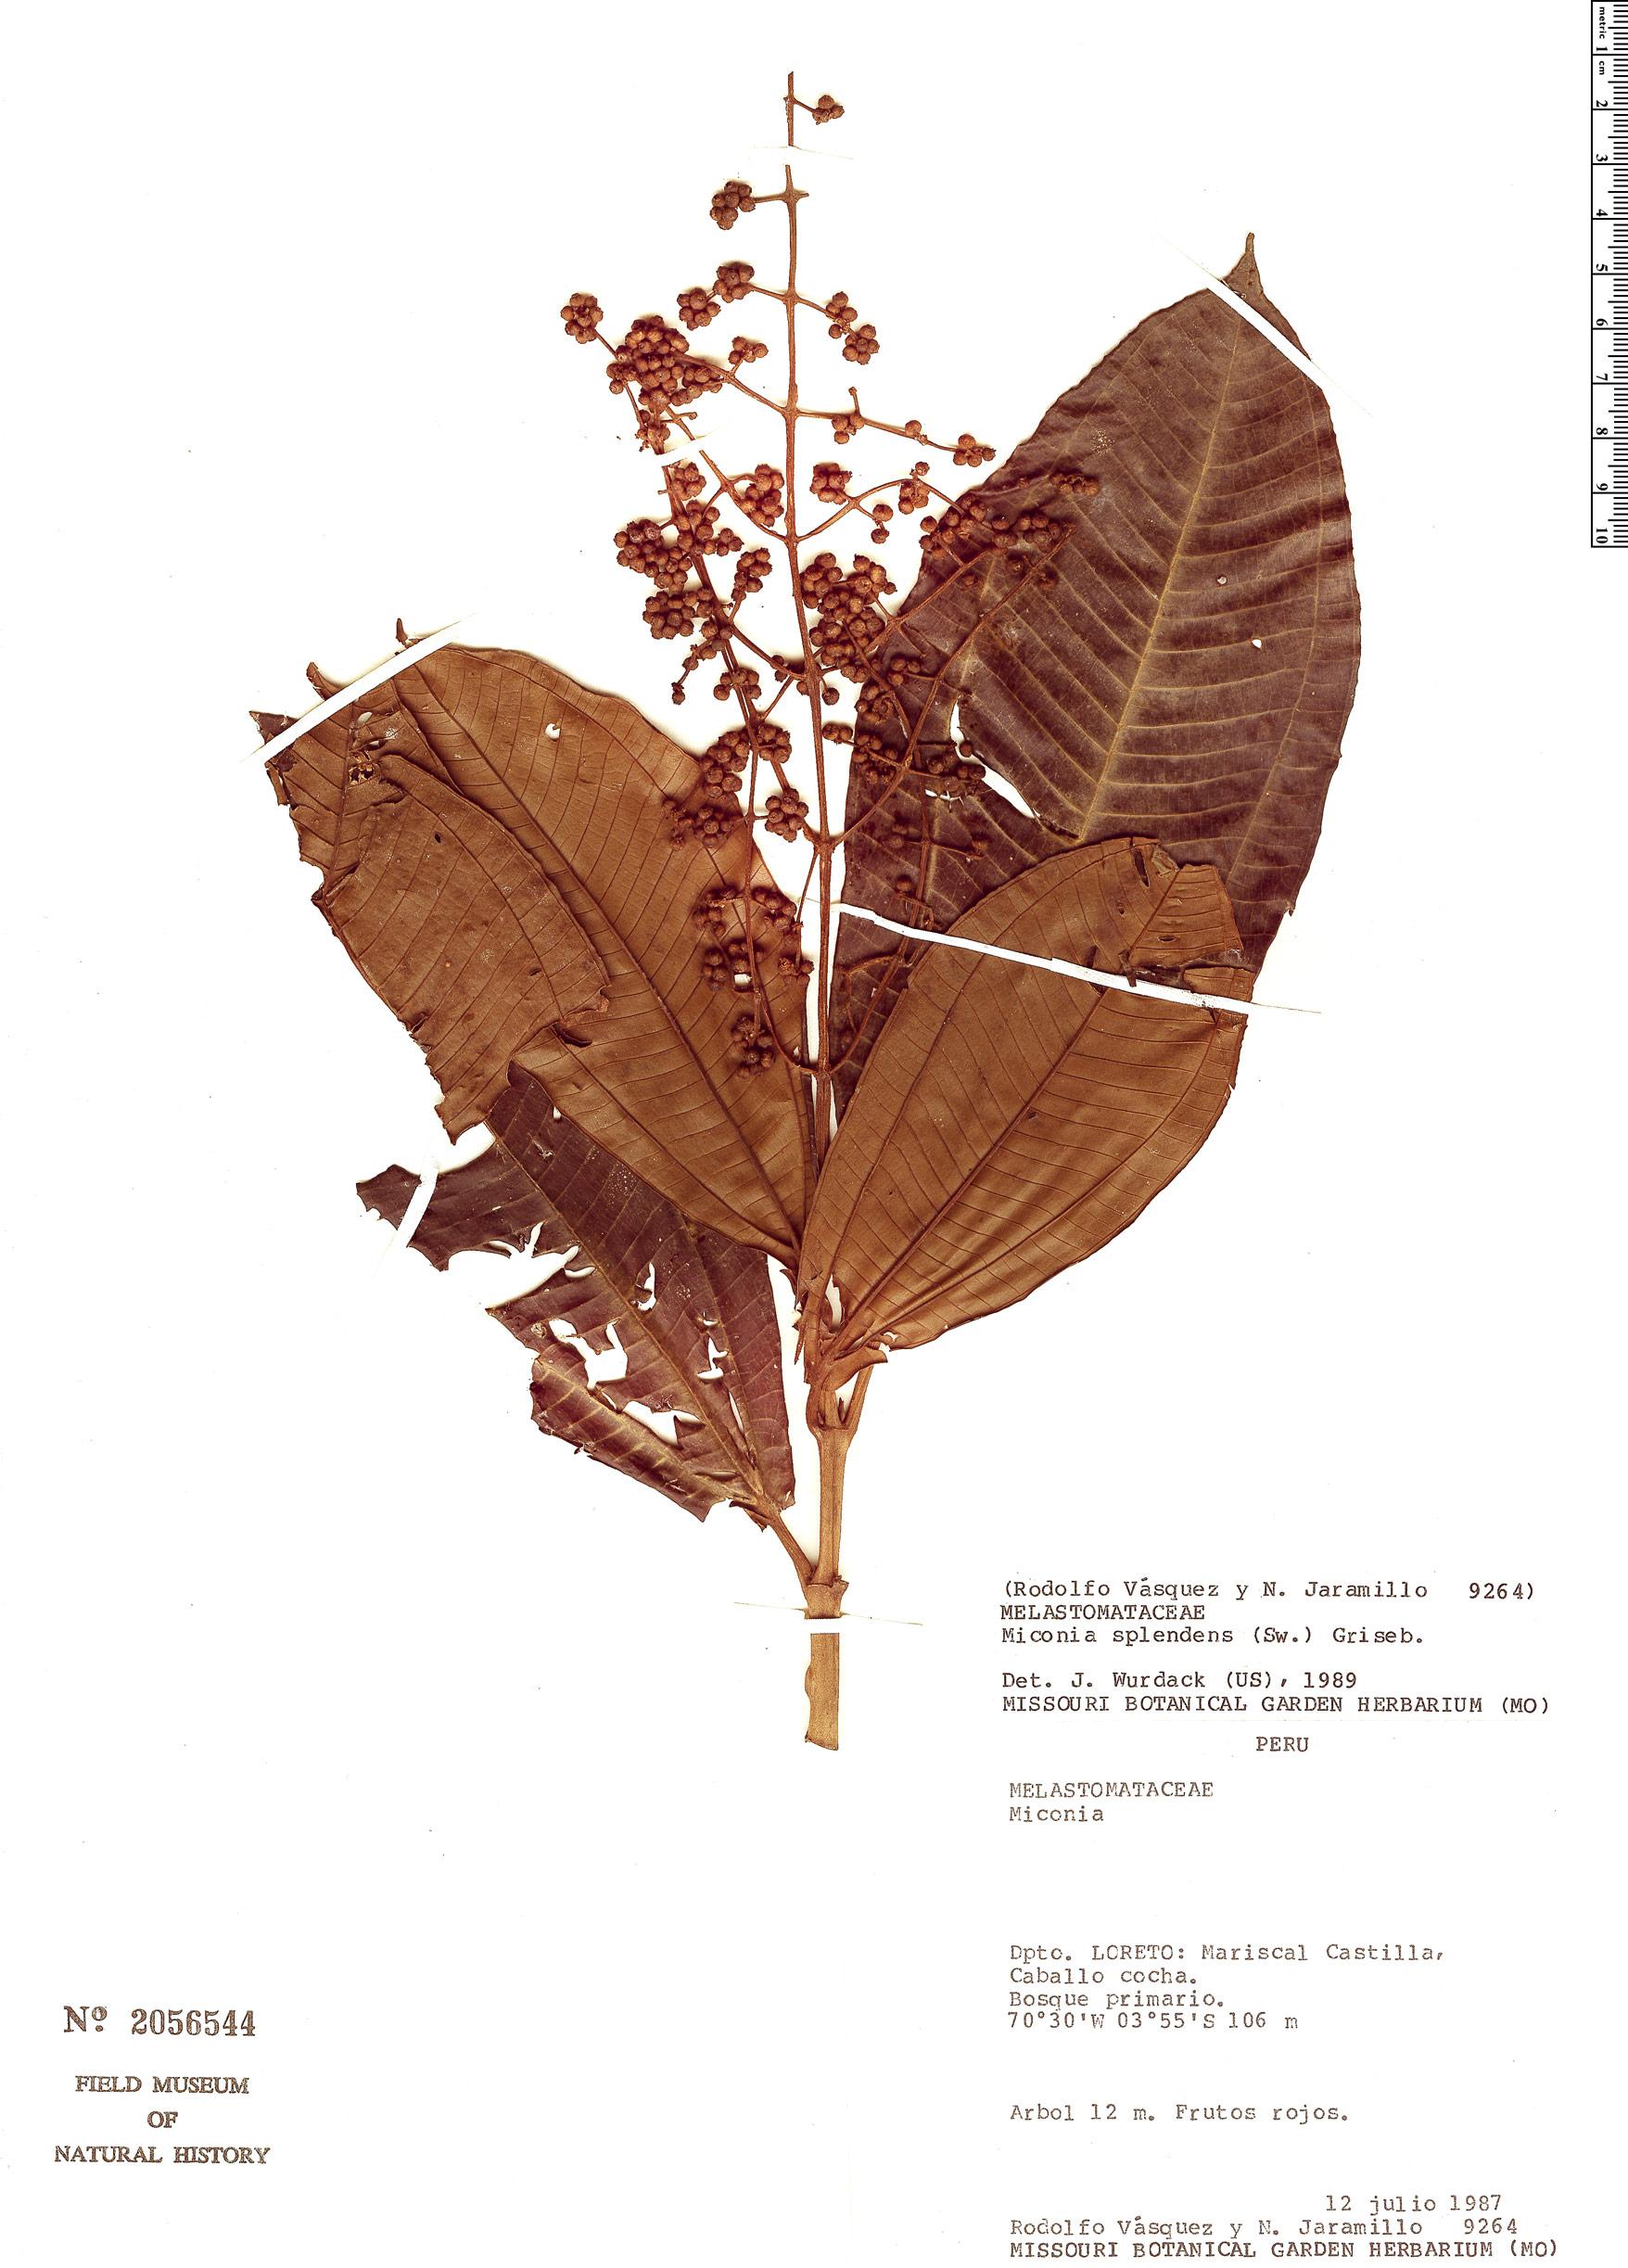 Specimen: Miconia splendens